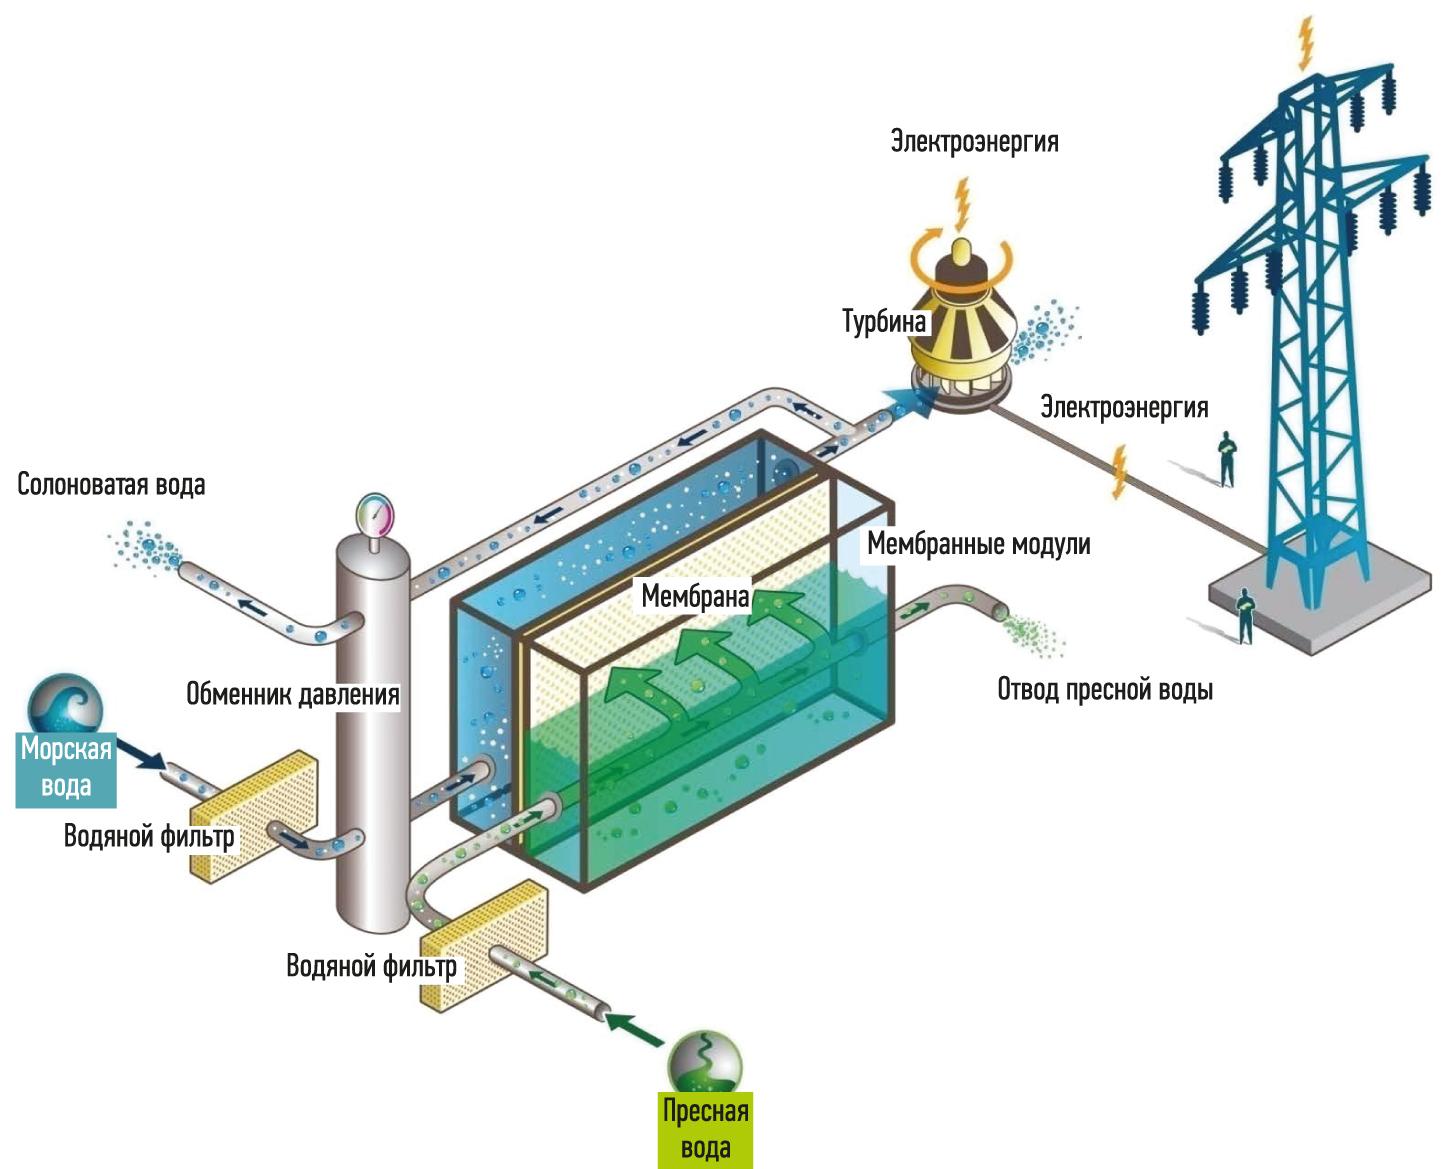 Принцип работы осмотической электростанции